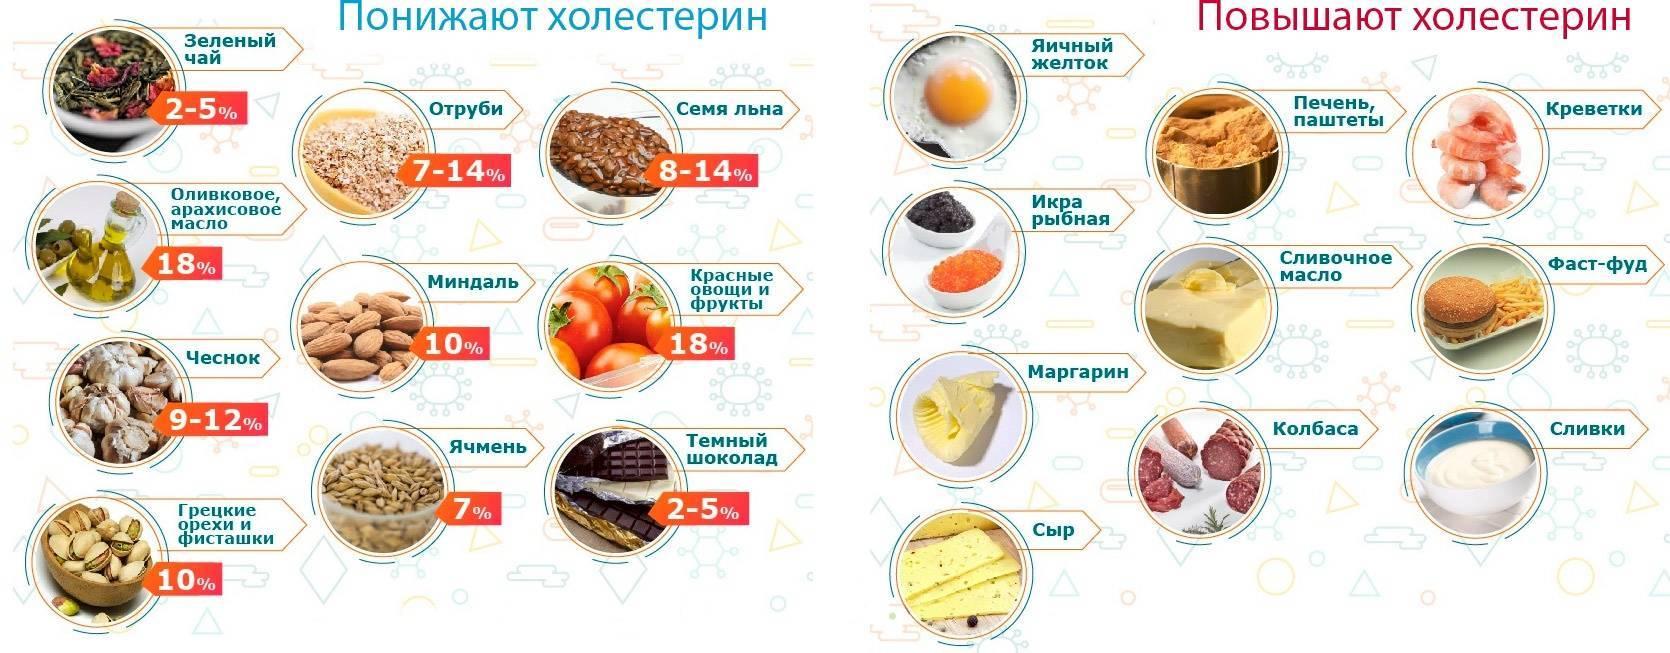 Таблица: что нельзя есть при повышенном холестерине и что можно?